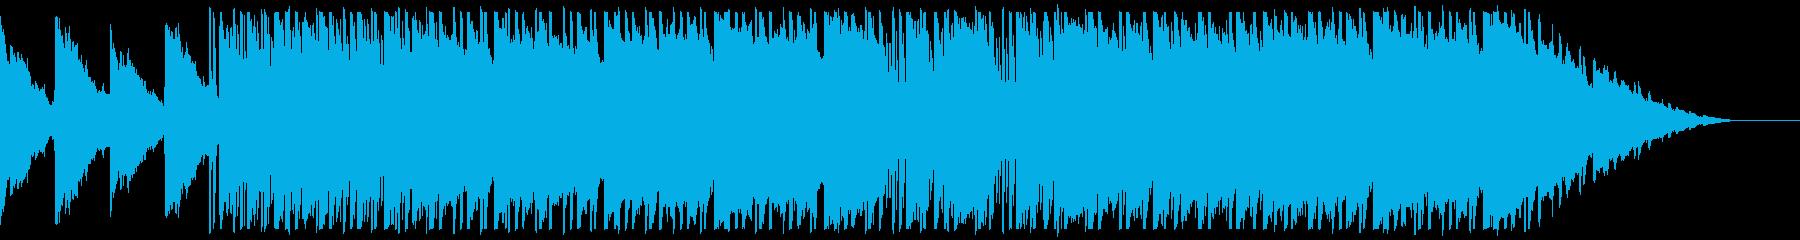 シンセを使ったR&B風の不思議な曲の再生済みの波形